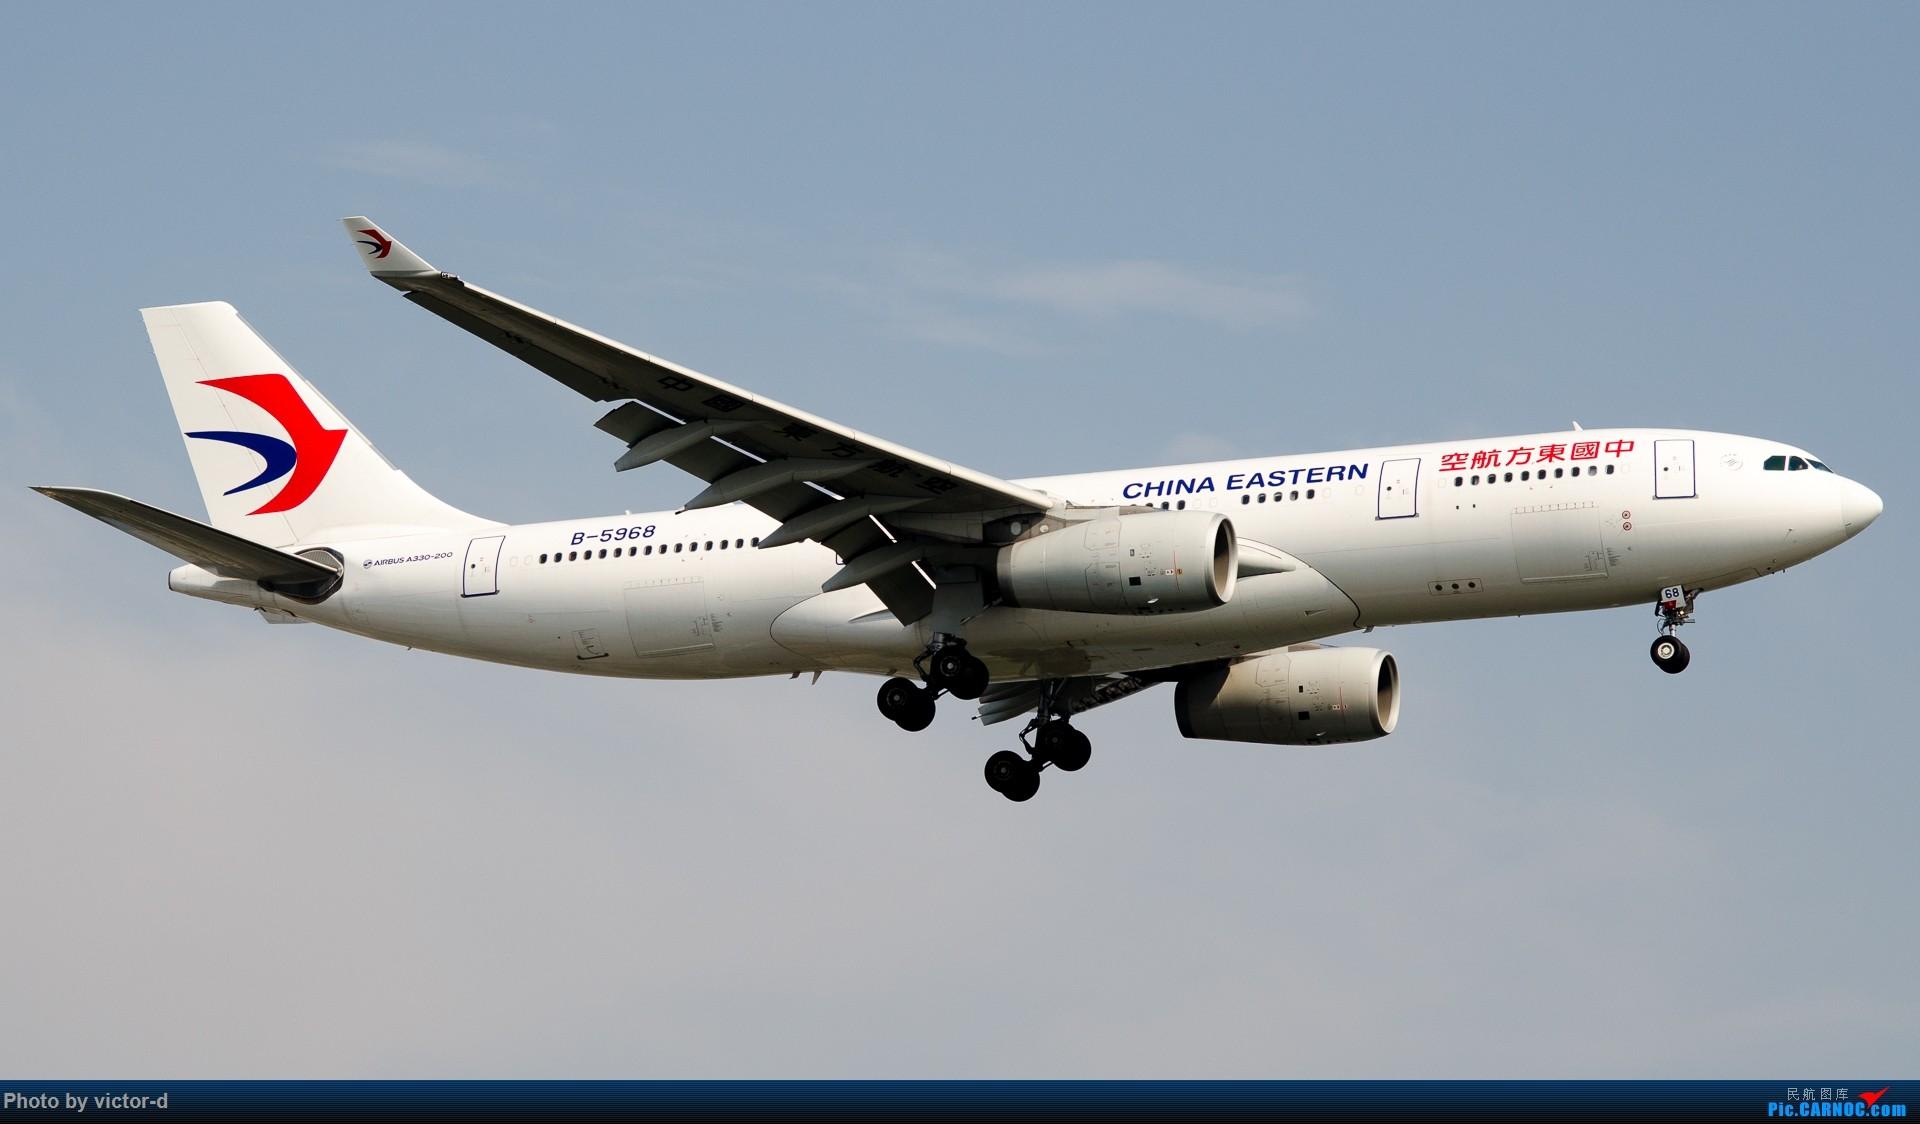 Re:[原创]【上海】拍机记录帖-记录这些年拍到的飞机 AIRBUS A330-200 B-5968 中国上海虹桥国际机场